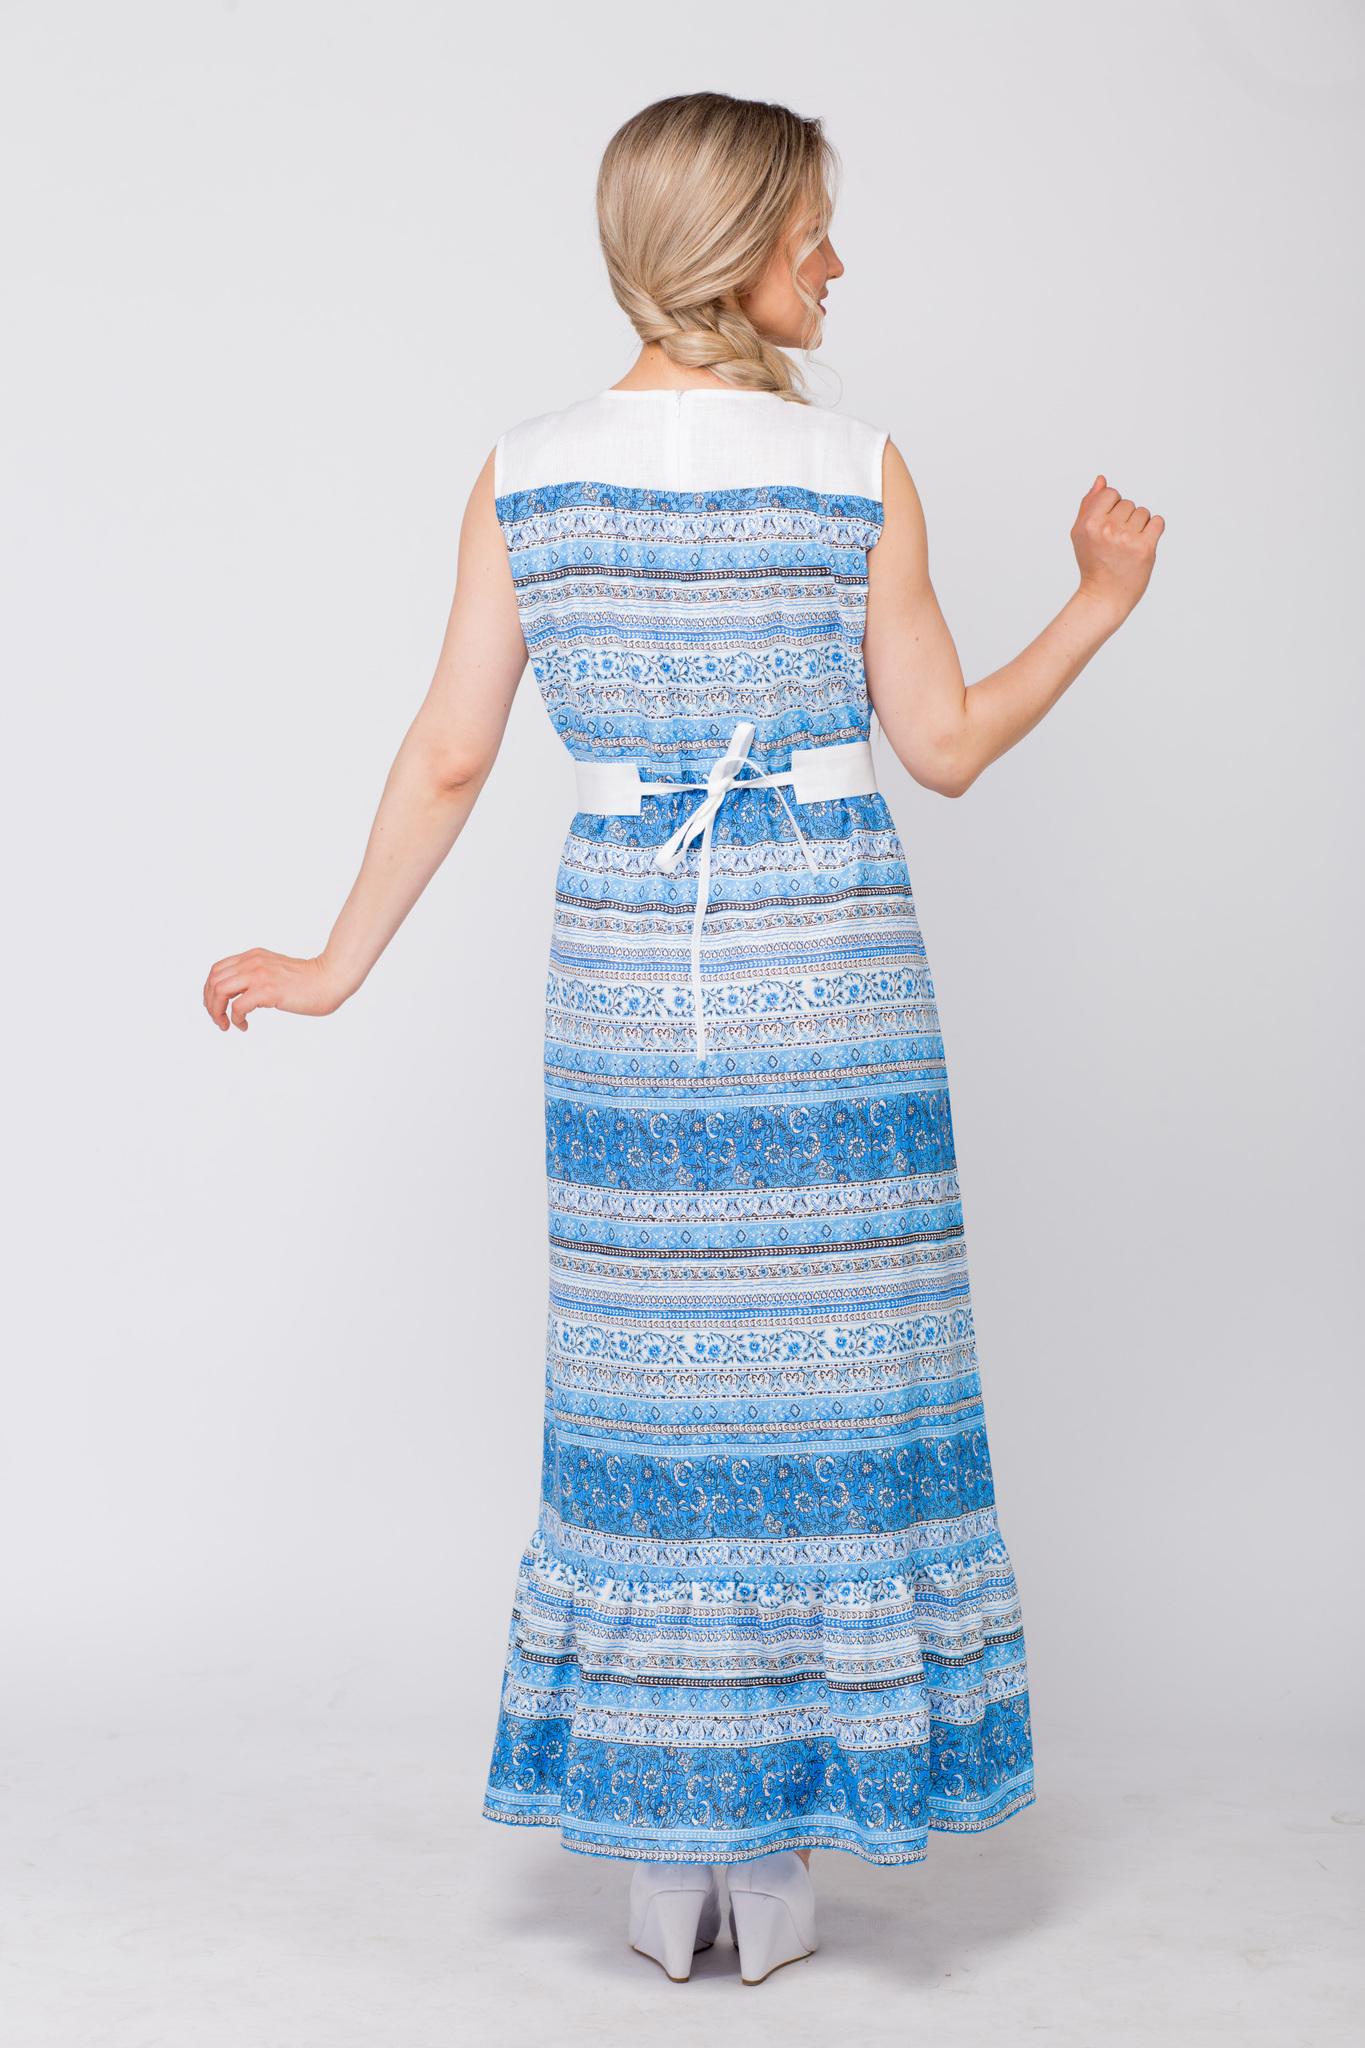 Платье льняное Утренняя роса с поясом вид сзади